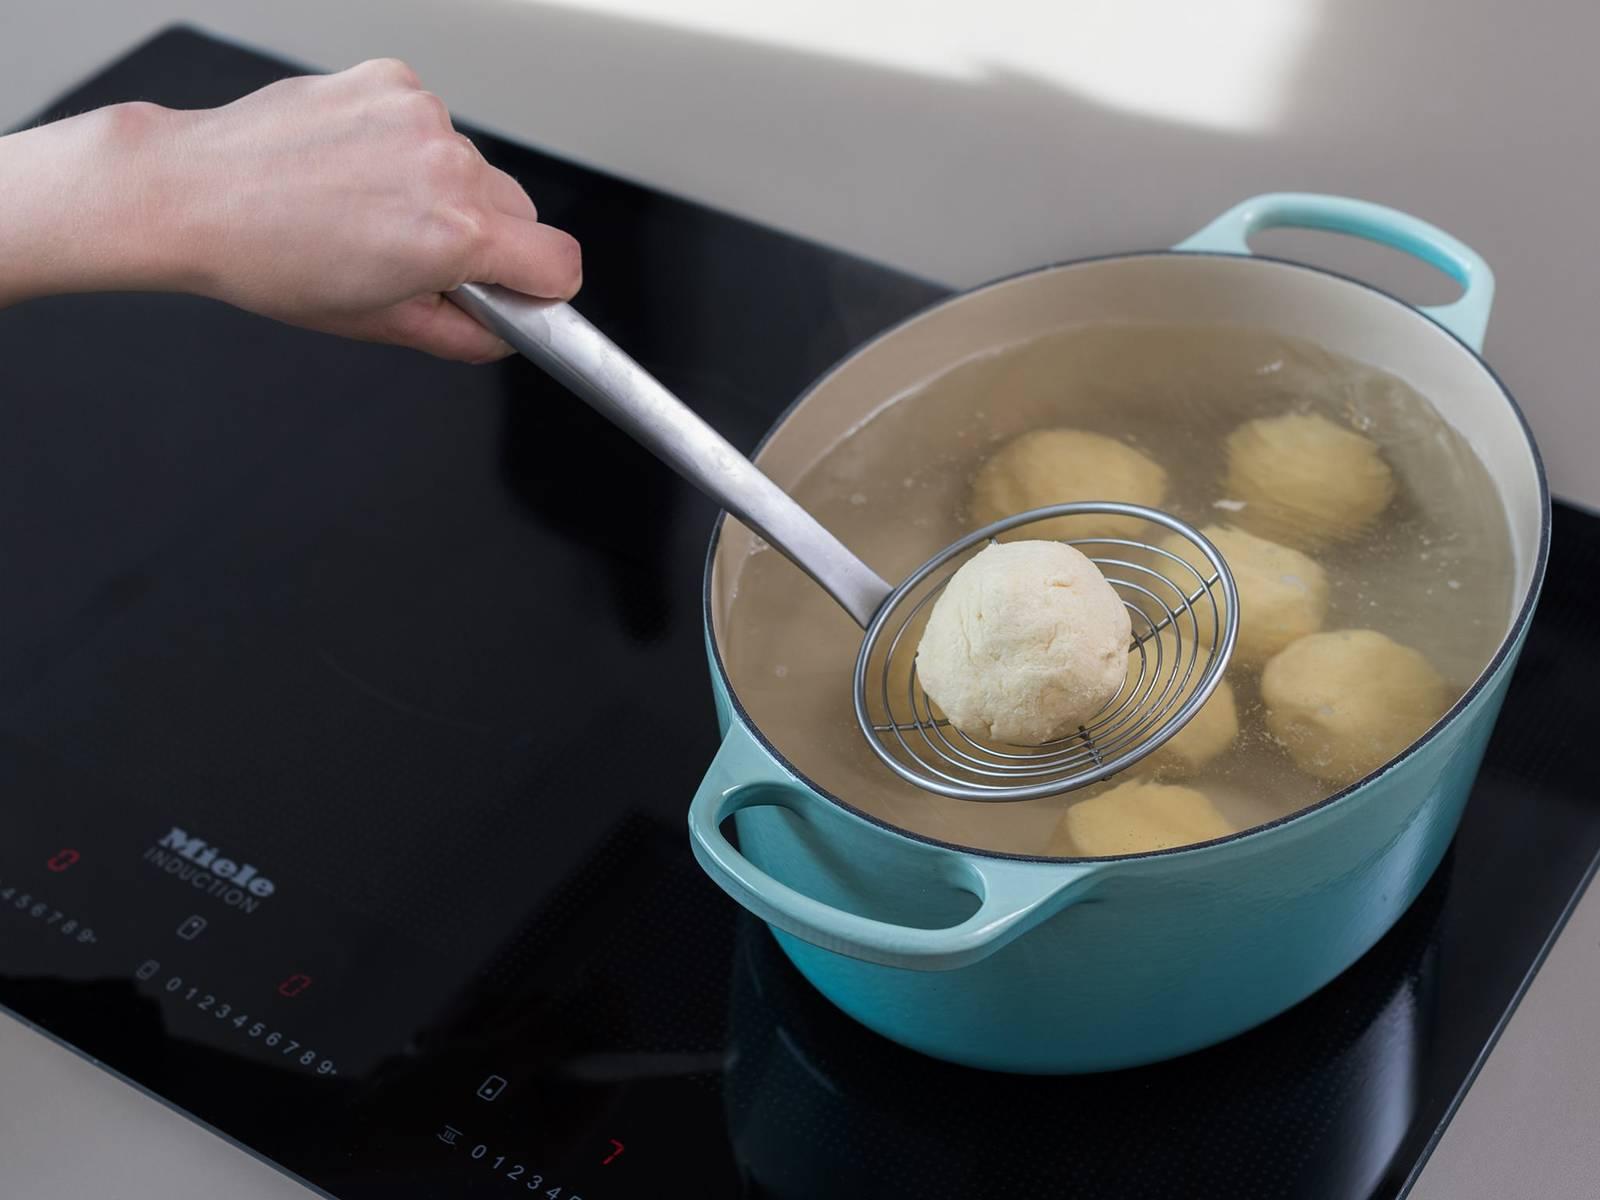 在一个大锅中,将水煮沸。煮杏子饺10分钟,直至它们浮出水面。用漏勺将其捞出,滤干水。